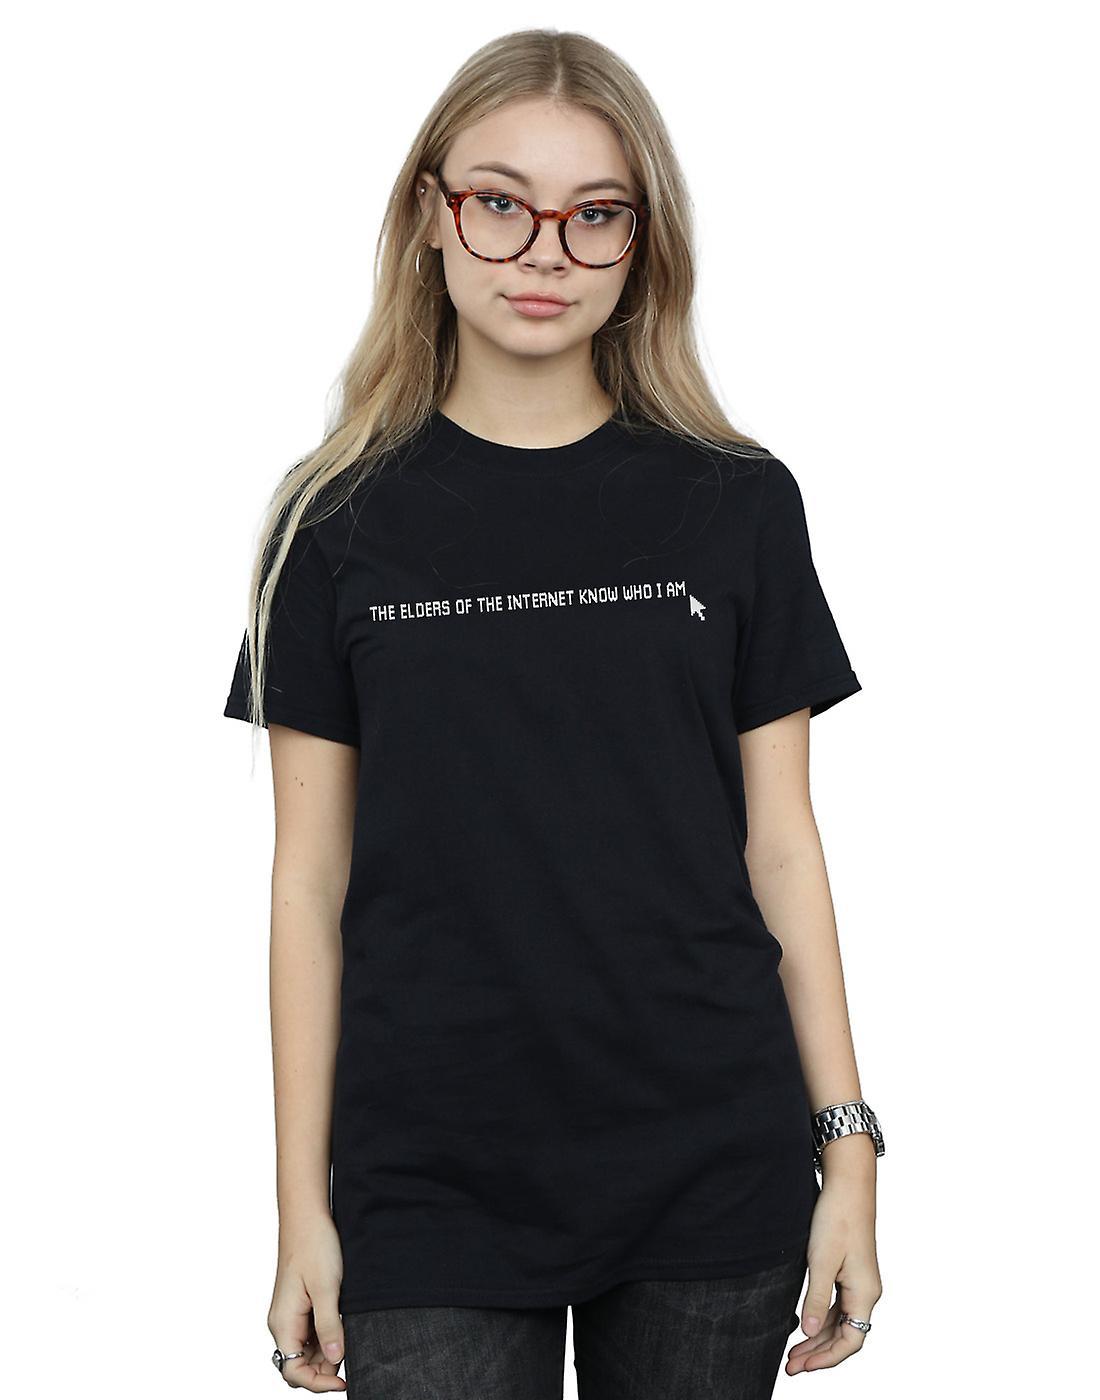 The IT Crowd Women's The Elders Know Boyfriend Fit T-Shirt